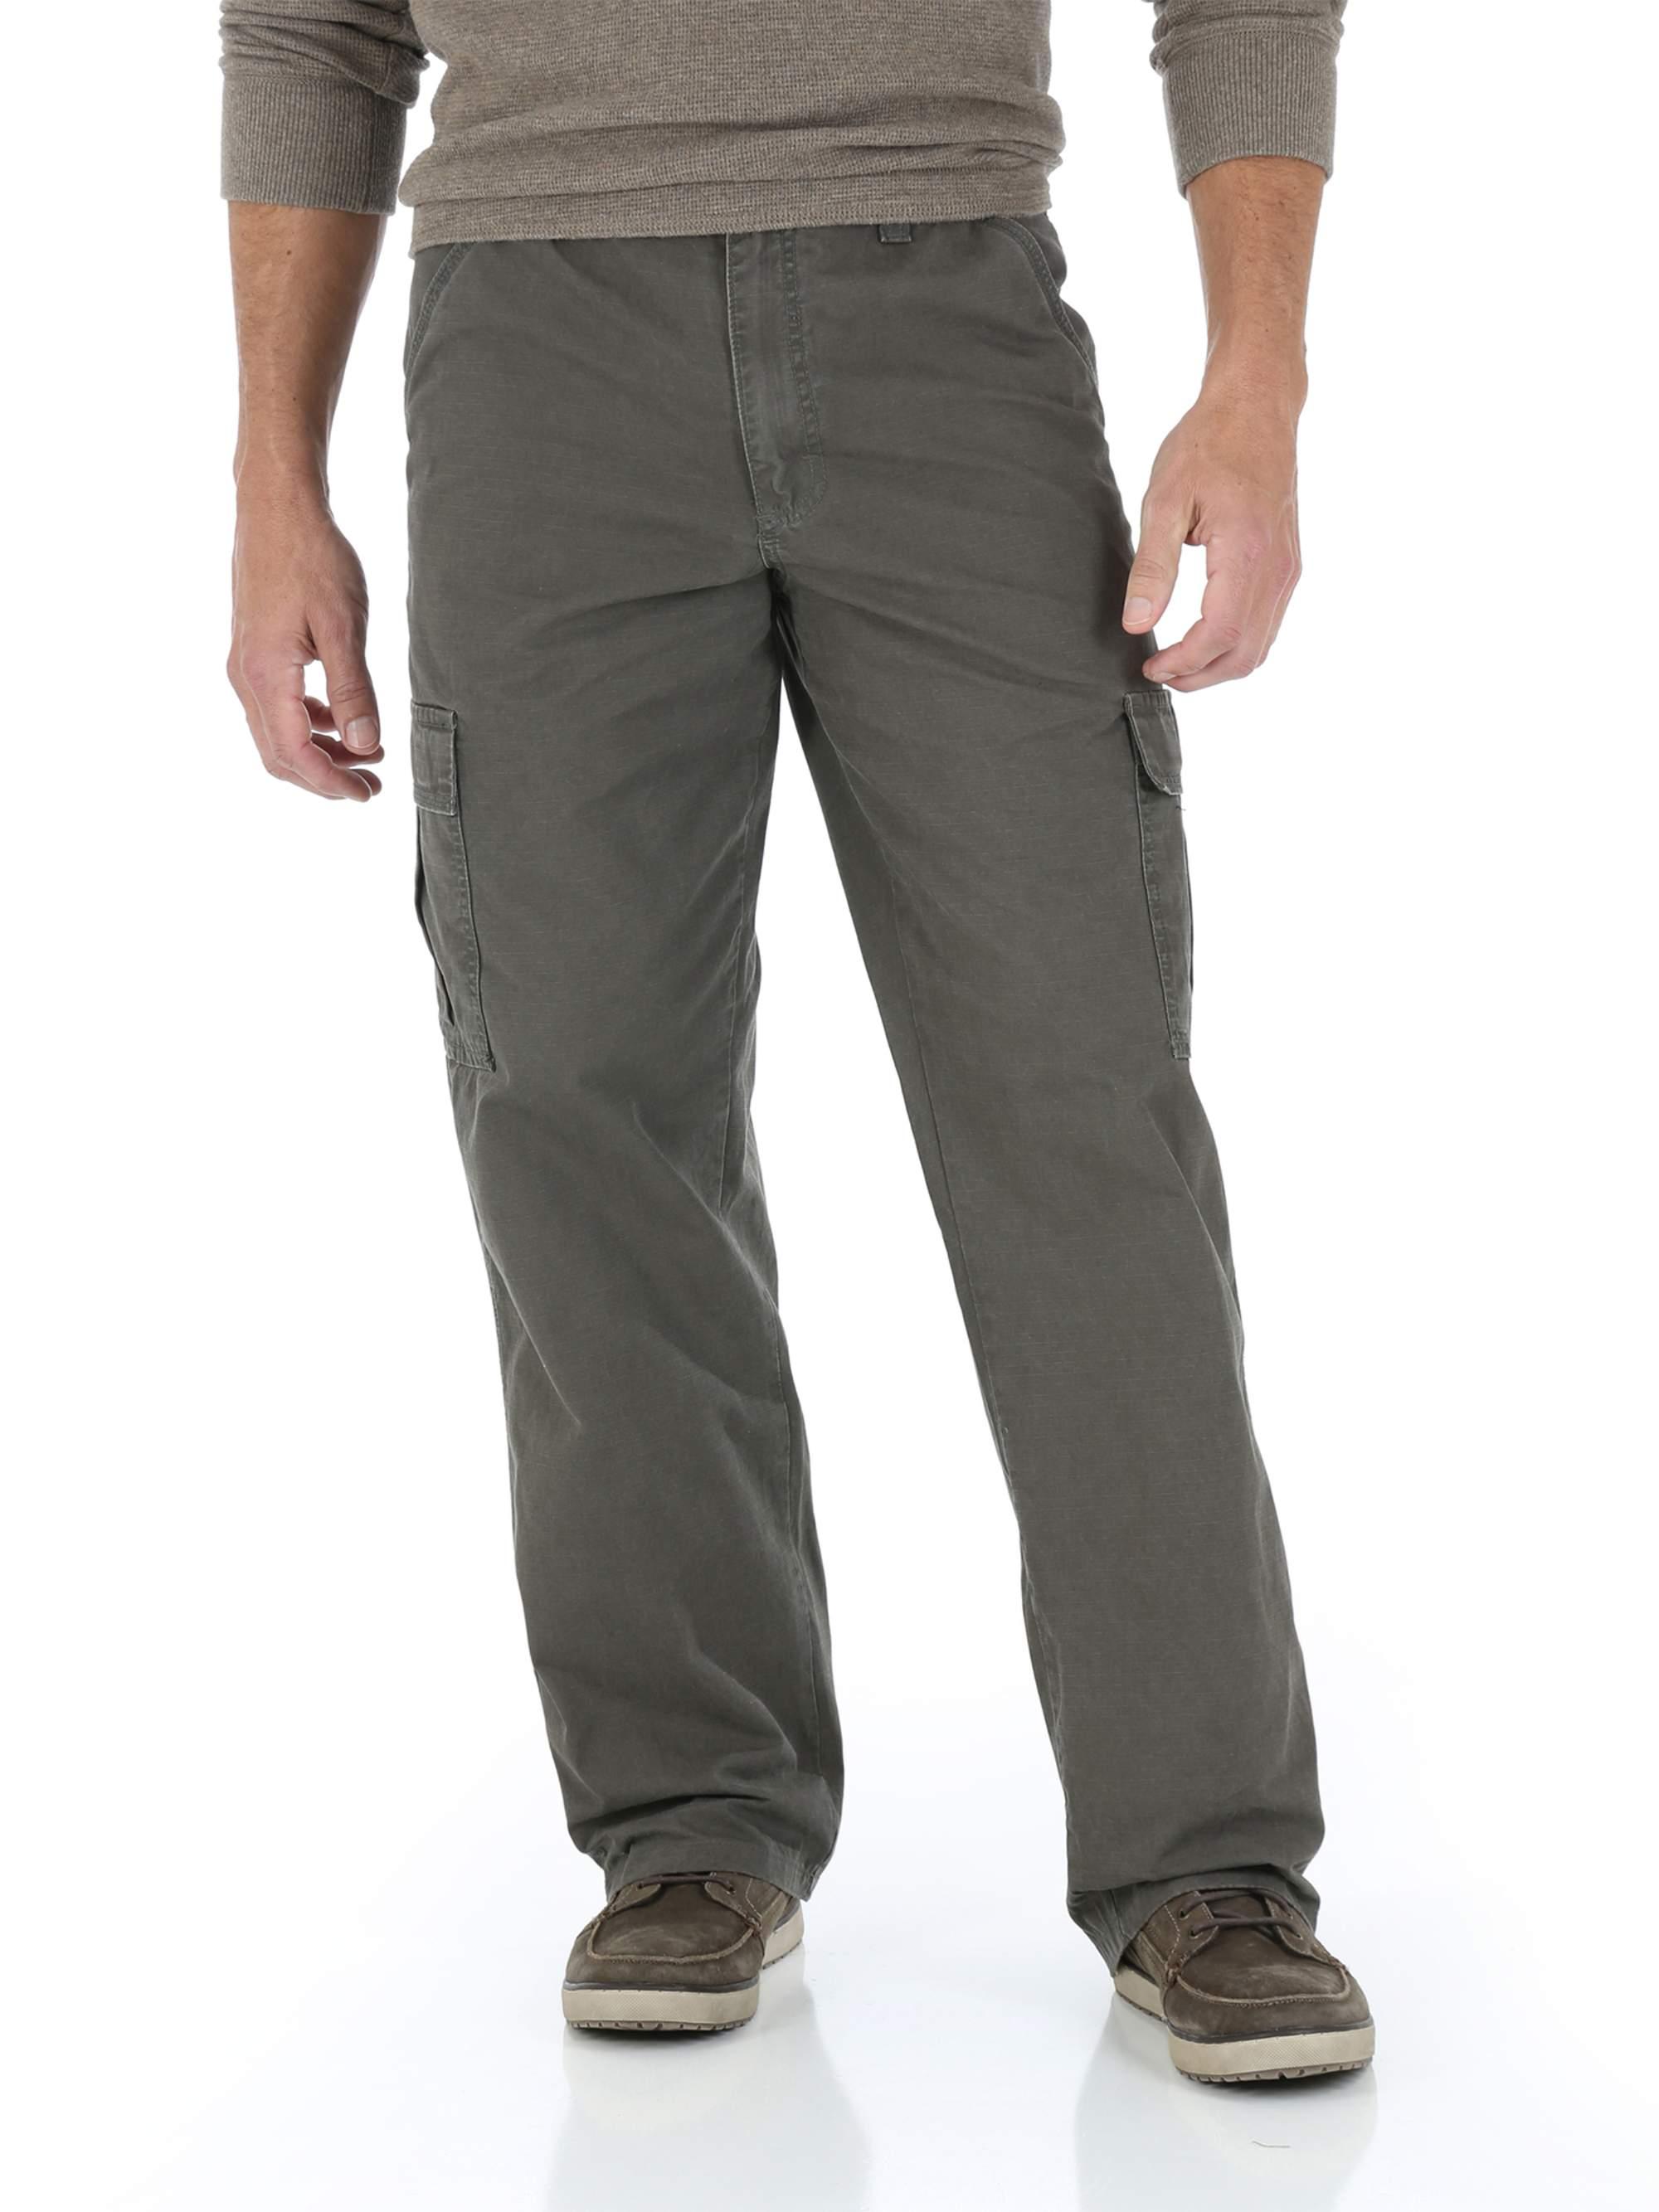 Big Men's Rip-Stop Cargo Pants